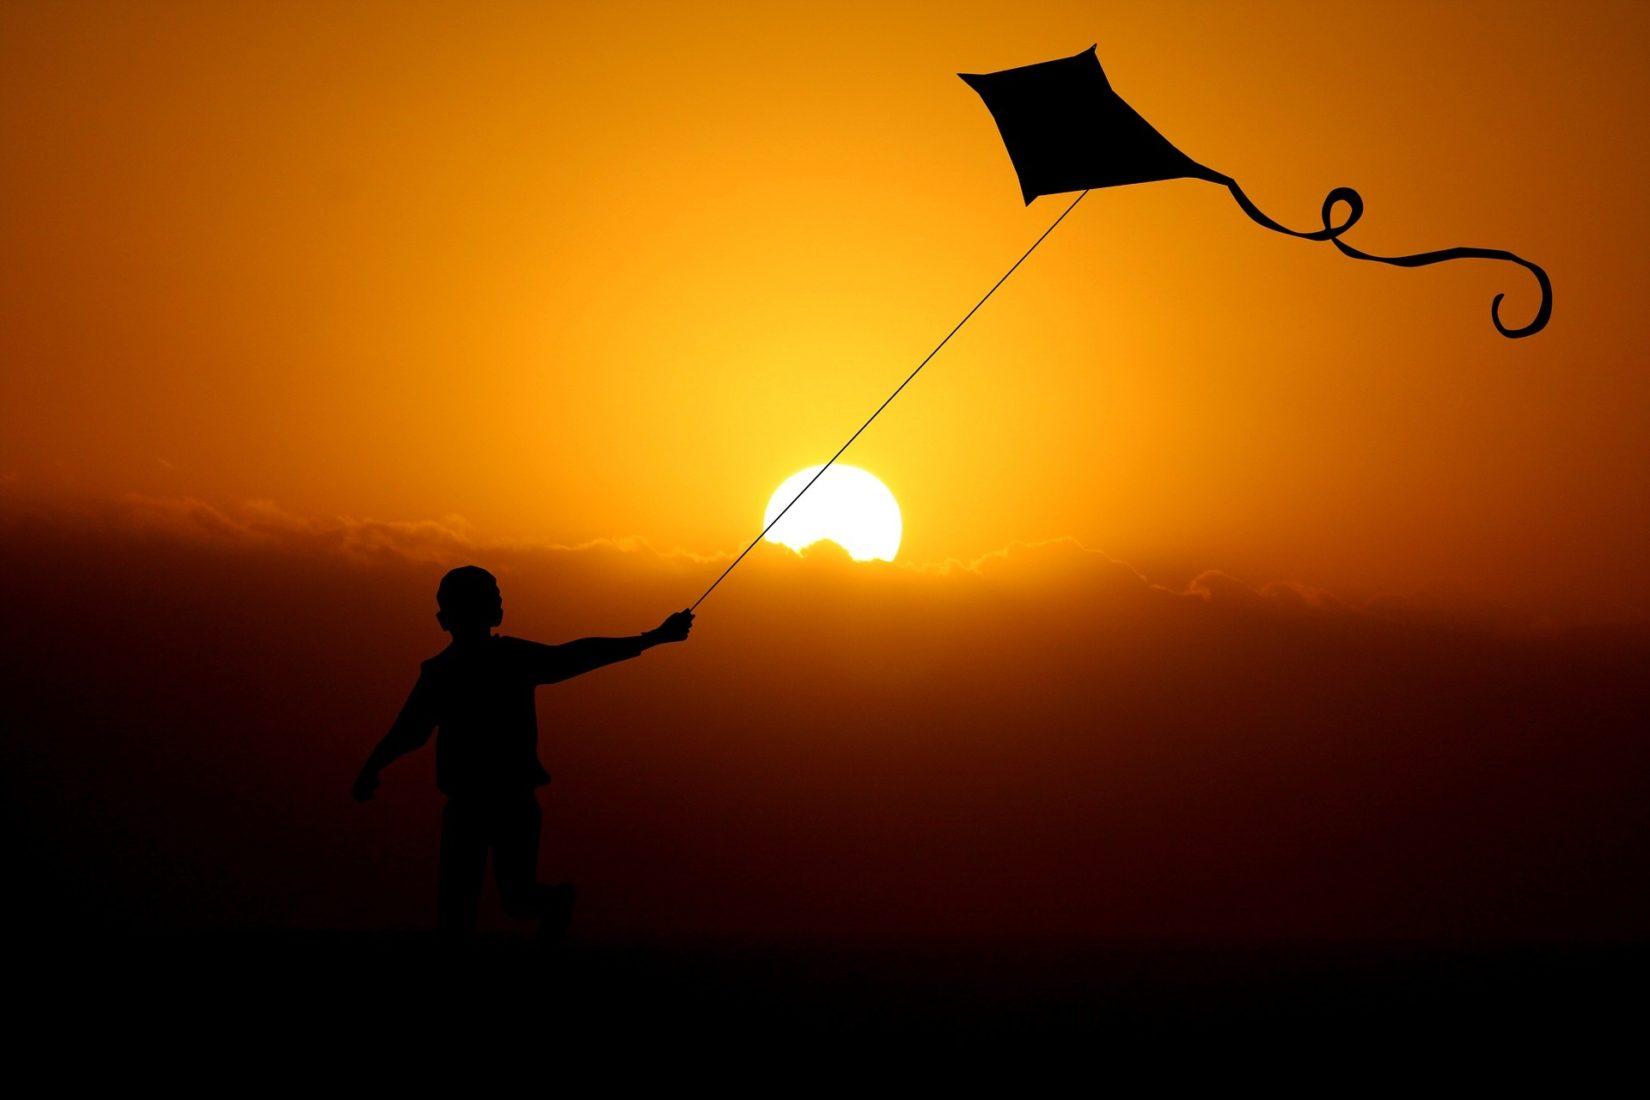 Bei einer Windheizung entsteht aus Wind zunächst Strom und dann Wärme. Foto: Pixabay